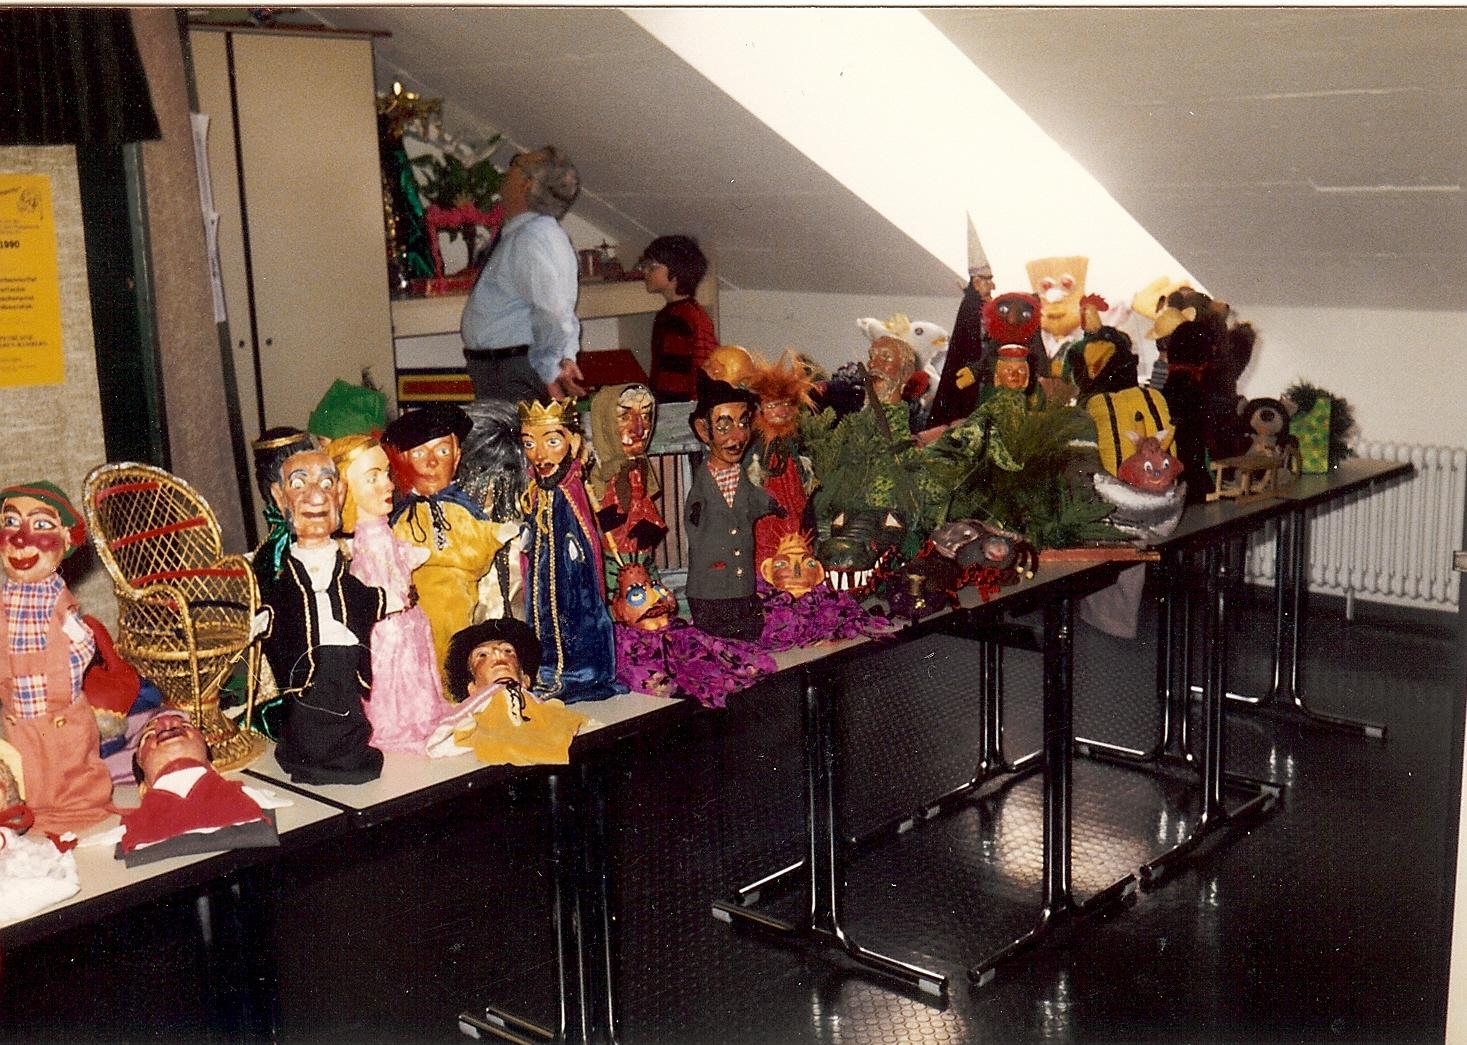 Ausstellung im Rahmen des 50jährigen Jubiläums 1995